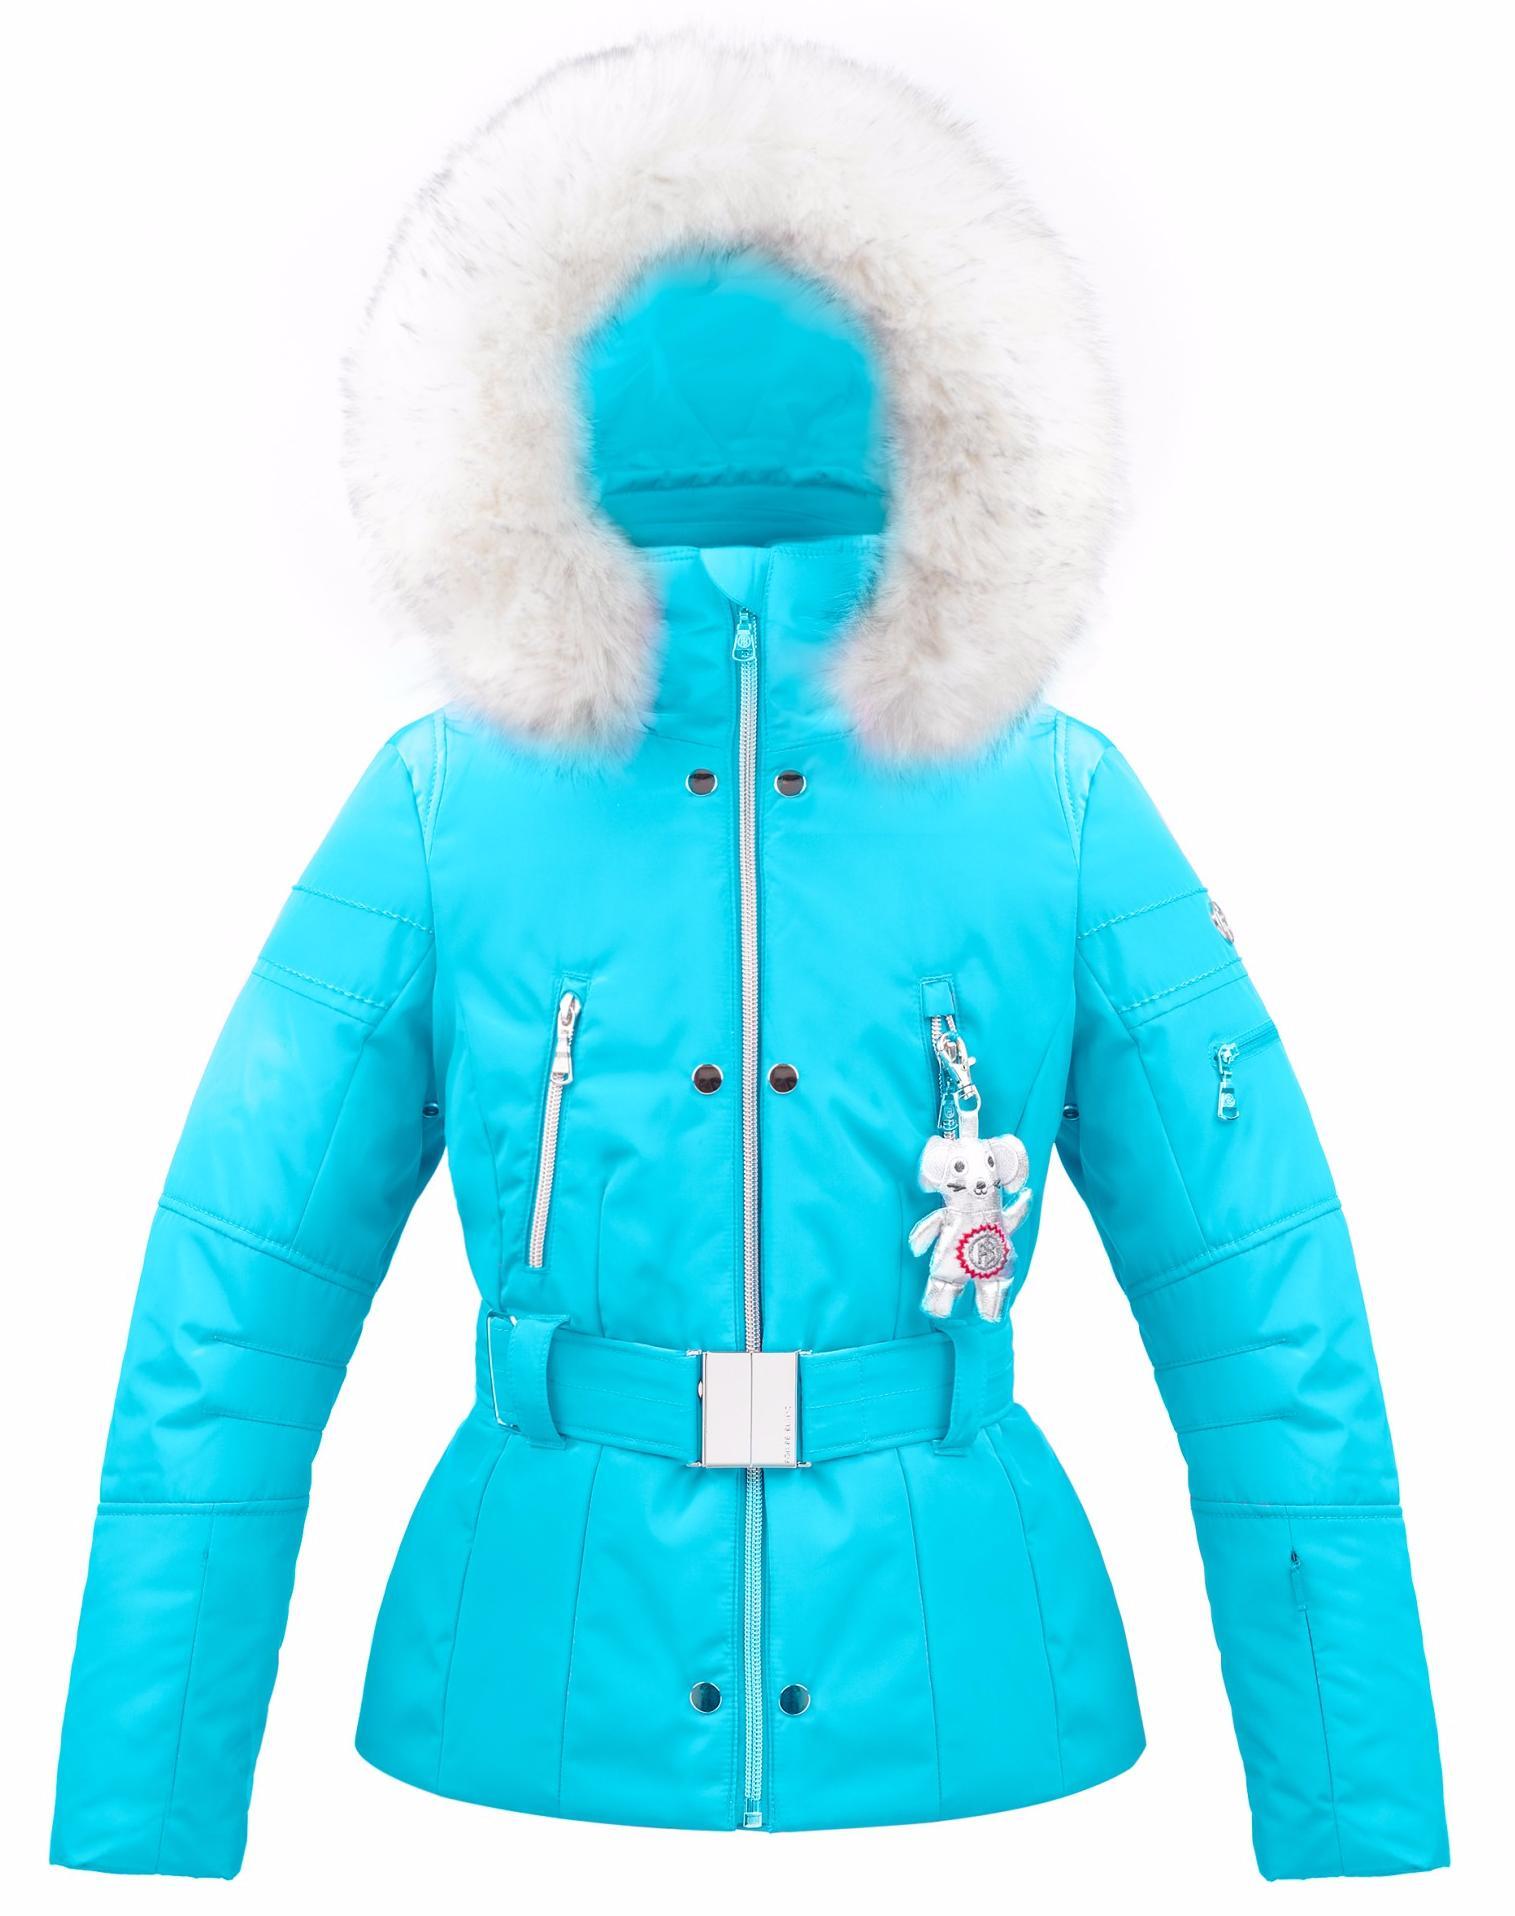 Купить Куртка Горнолыжная Poivre Blanc 2017-18 W17-1003-Jrgl/a Azure Blue, женский, Одежда горнолыжная